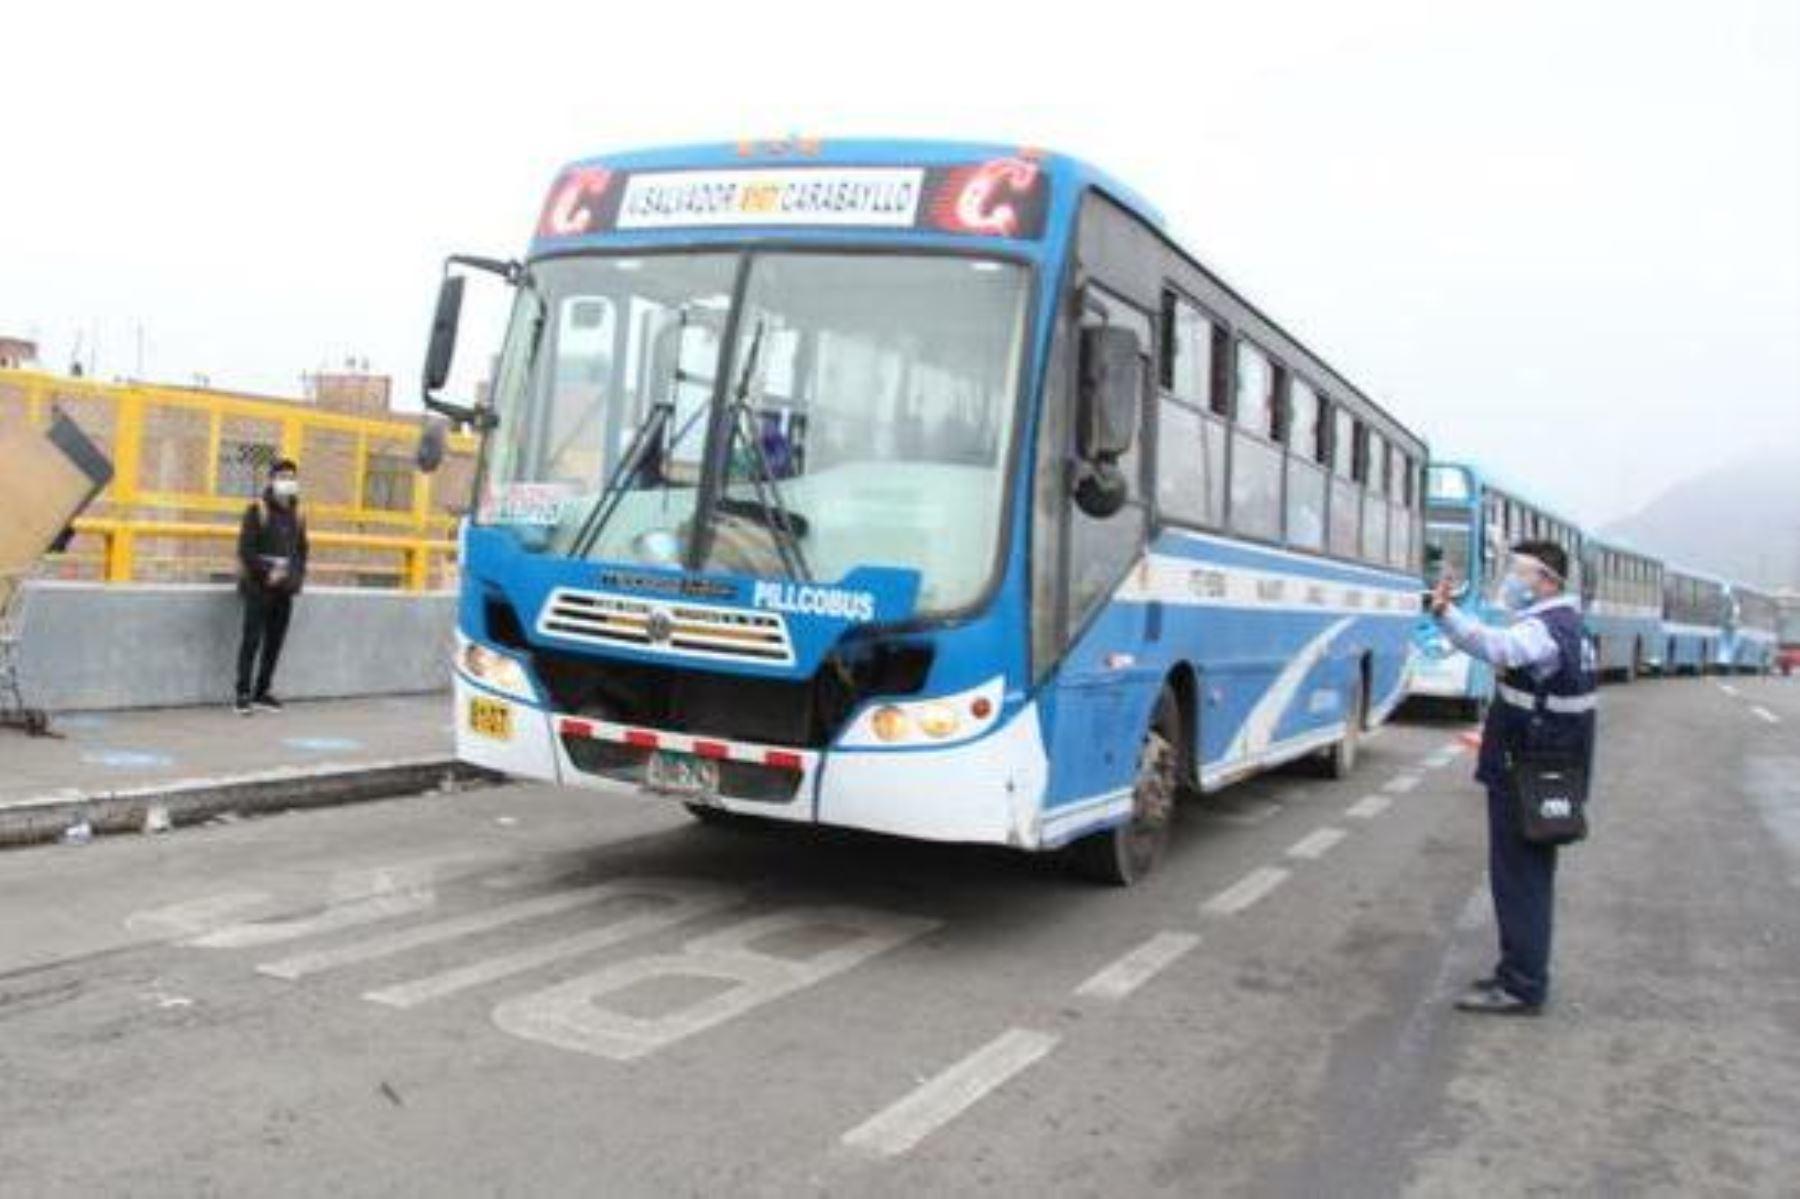 ATU suspenderá habilitación del bus que colisionó en un paradero. Foto: ANDINA/Difusión.